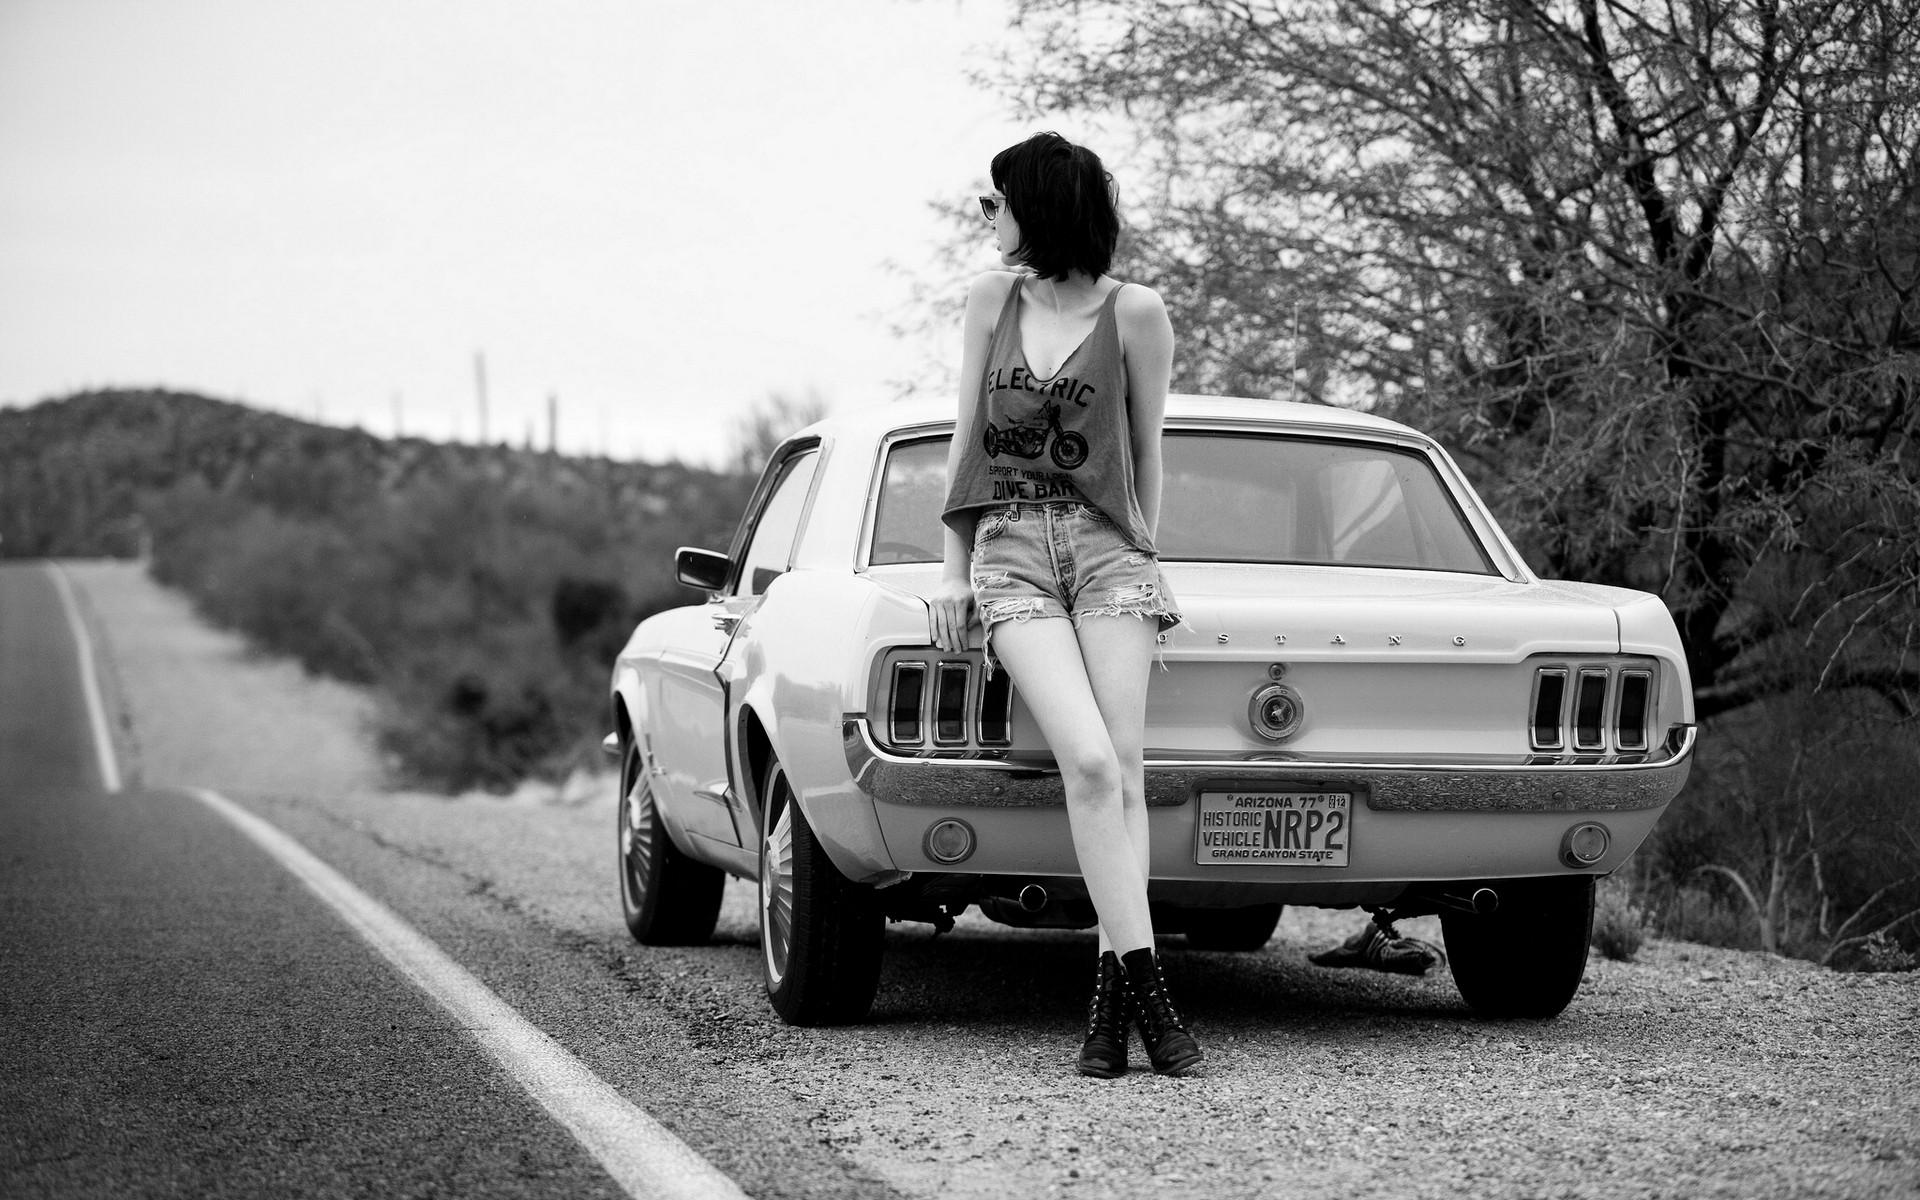 fond d u0026 39  u00e9cran   monochrome  v u00e9hicule  femmes avec des voitures  voiture de sport  voiture